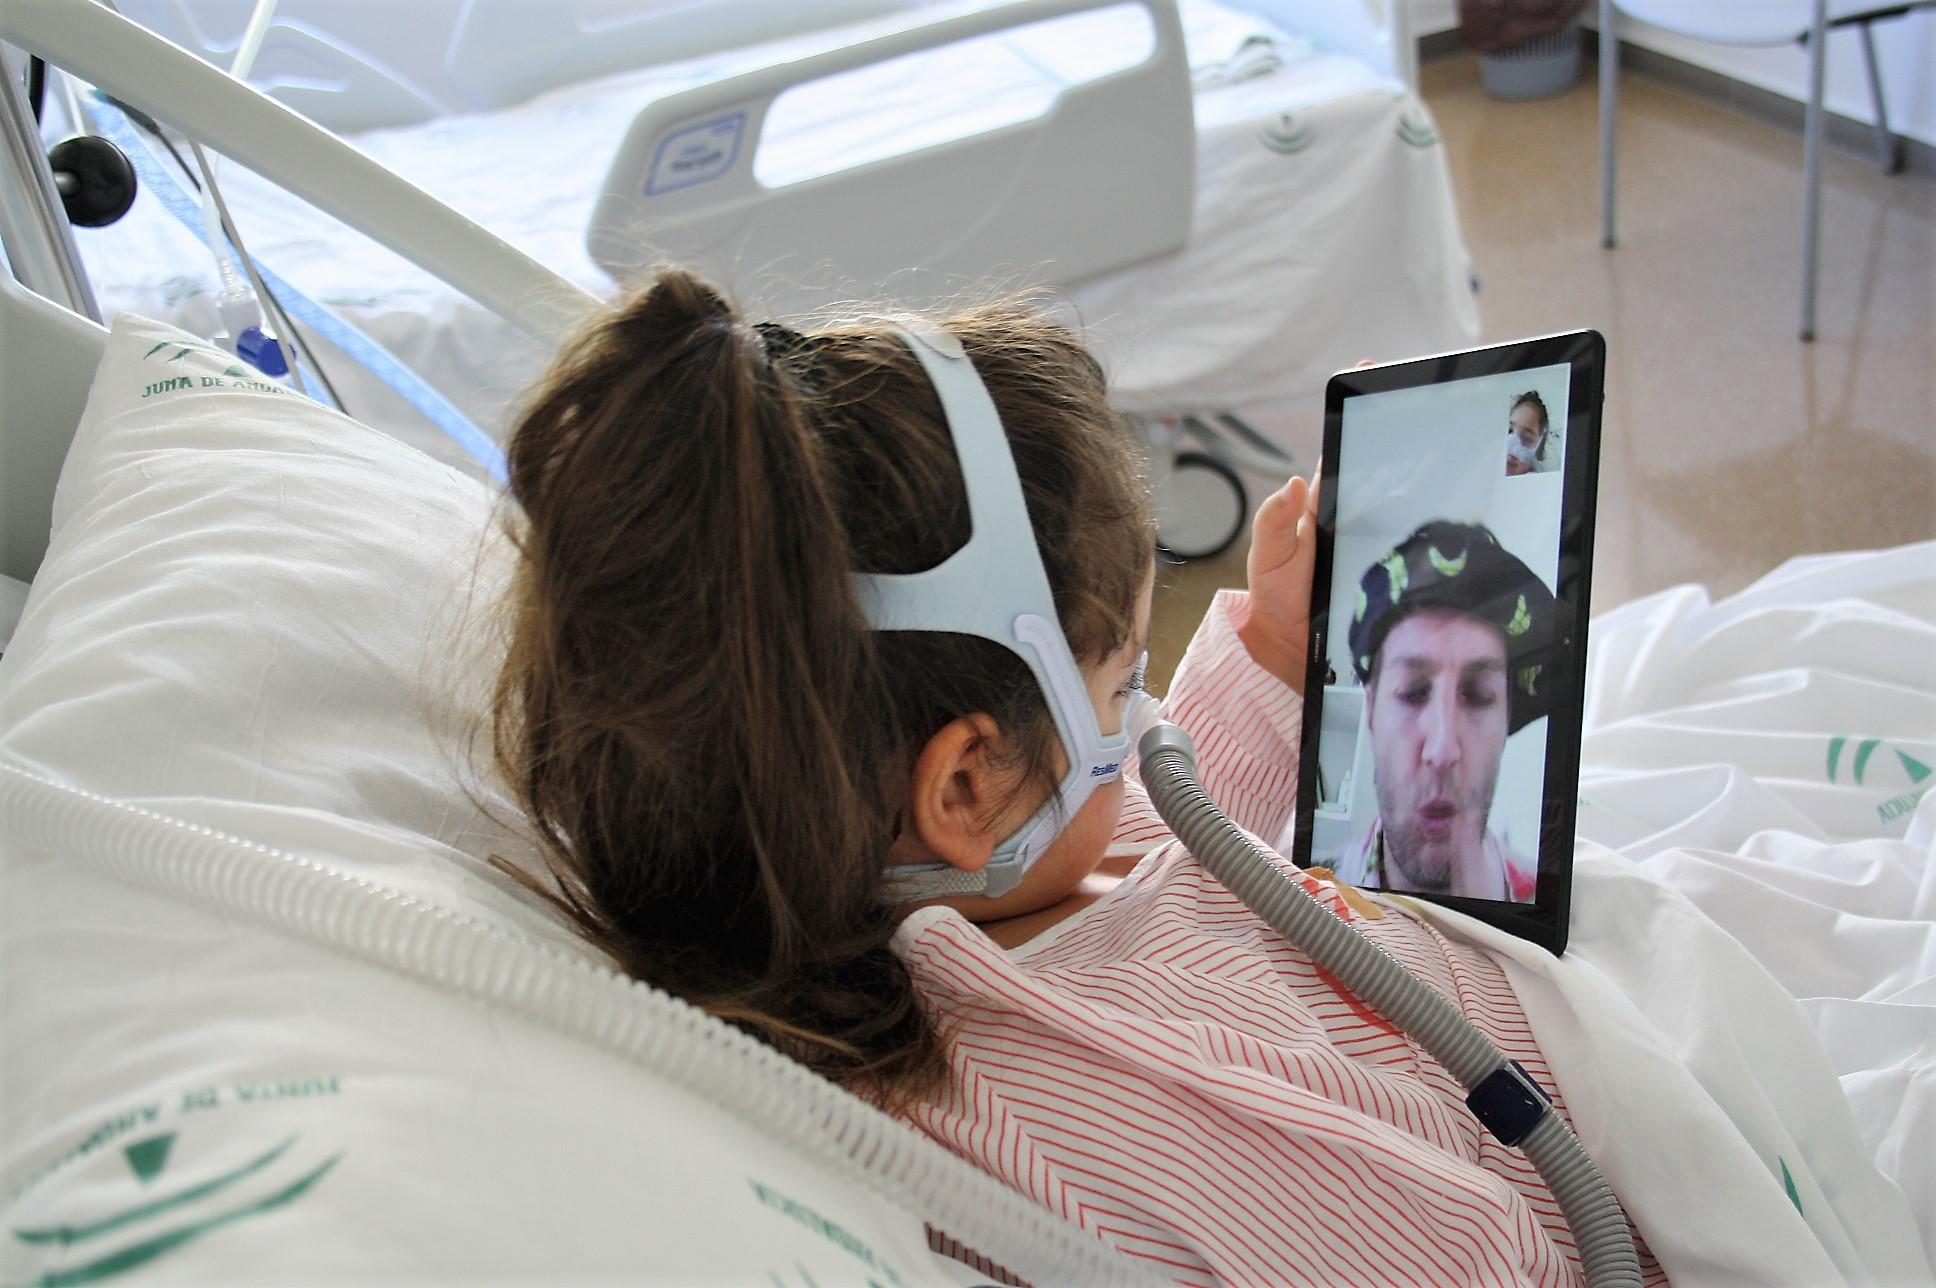 Los niños hospitalizados en el Clínico reciben la visita virtual de los 'Doctores Sonrisa' de la Fundación Theodora